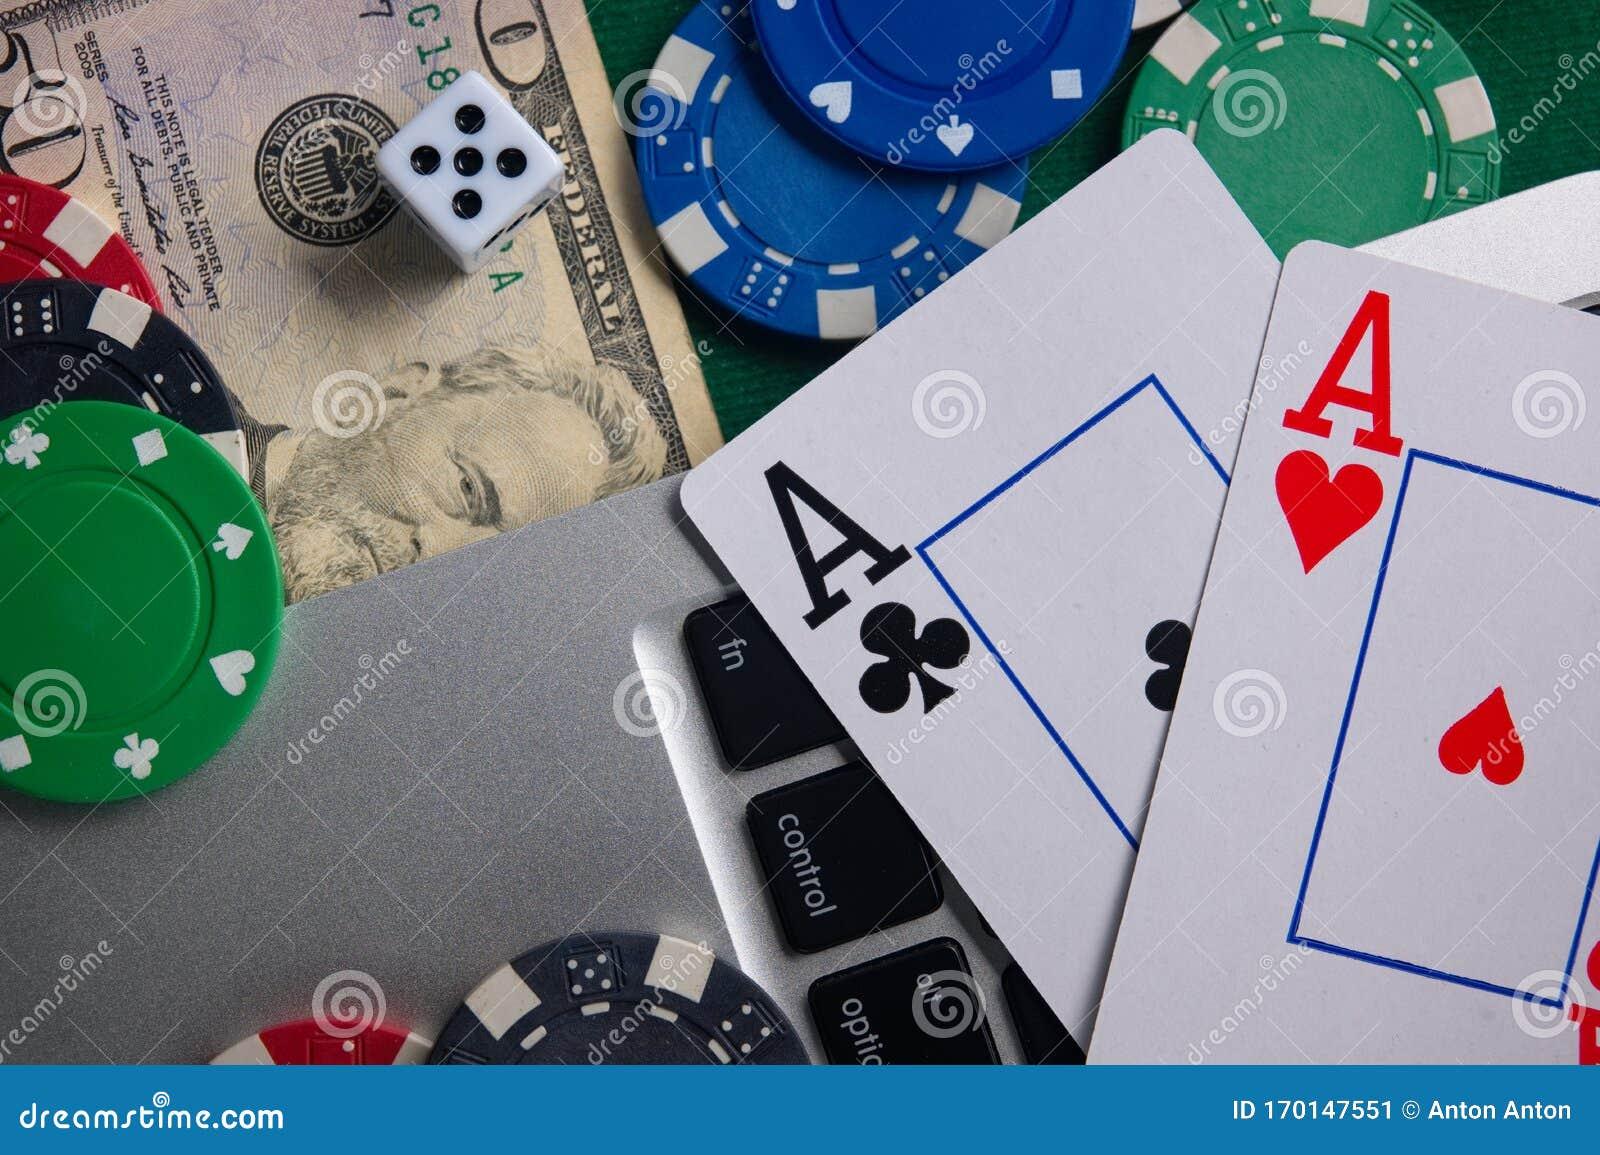 Free blackjack for fun